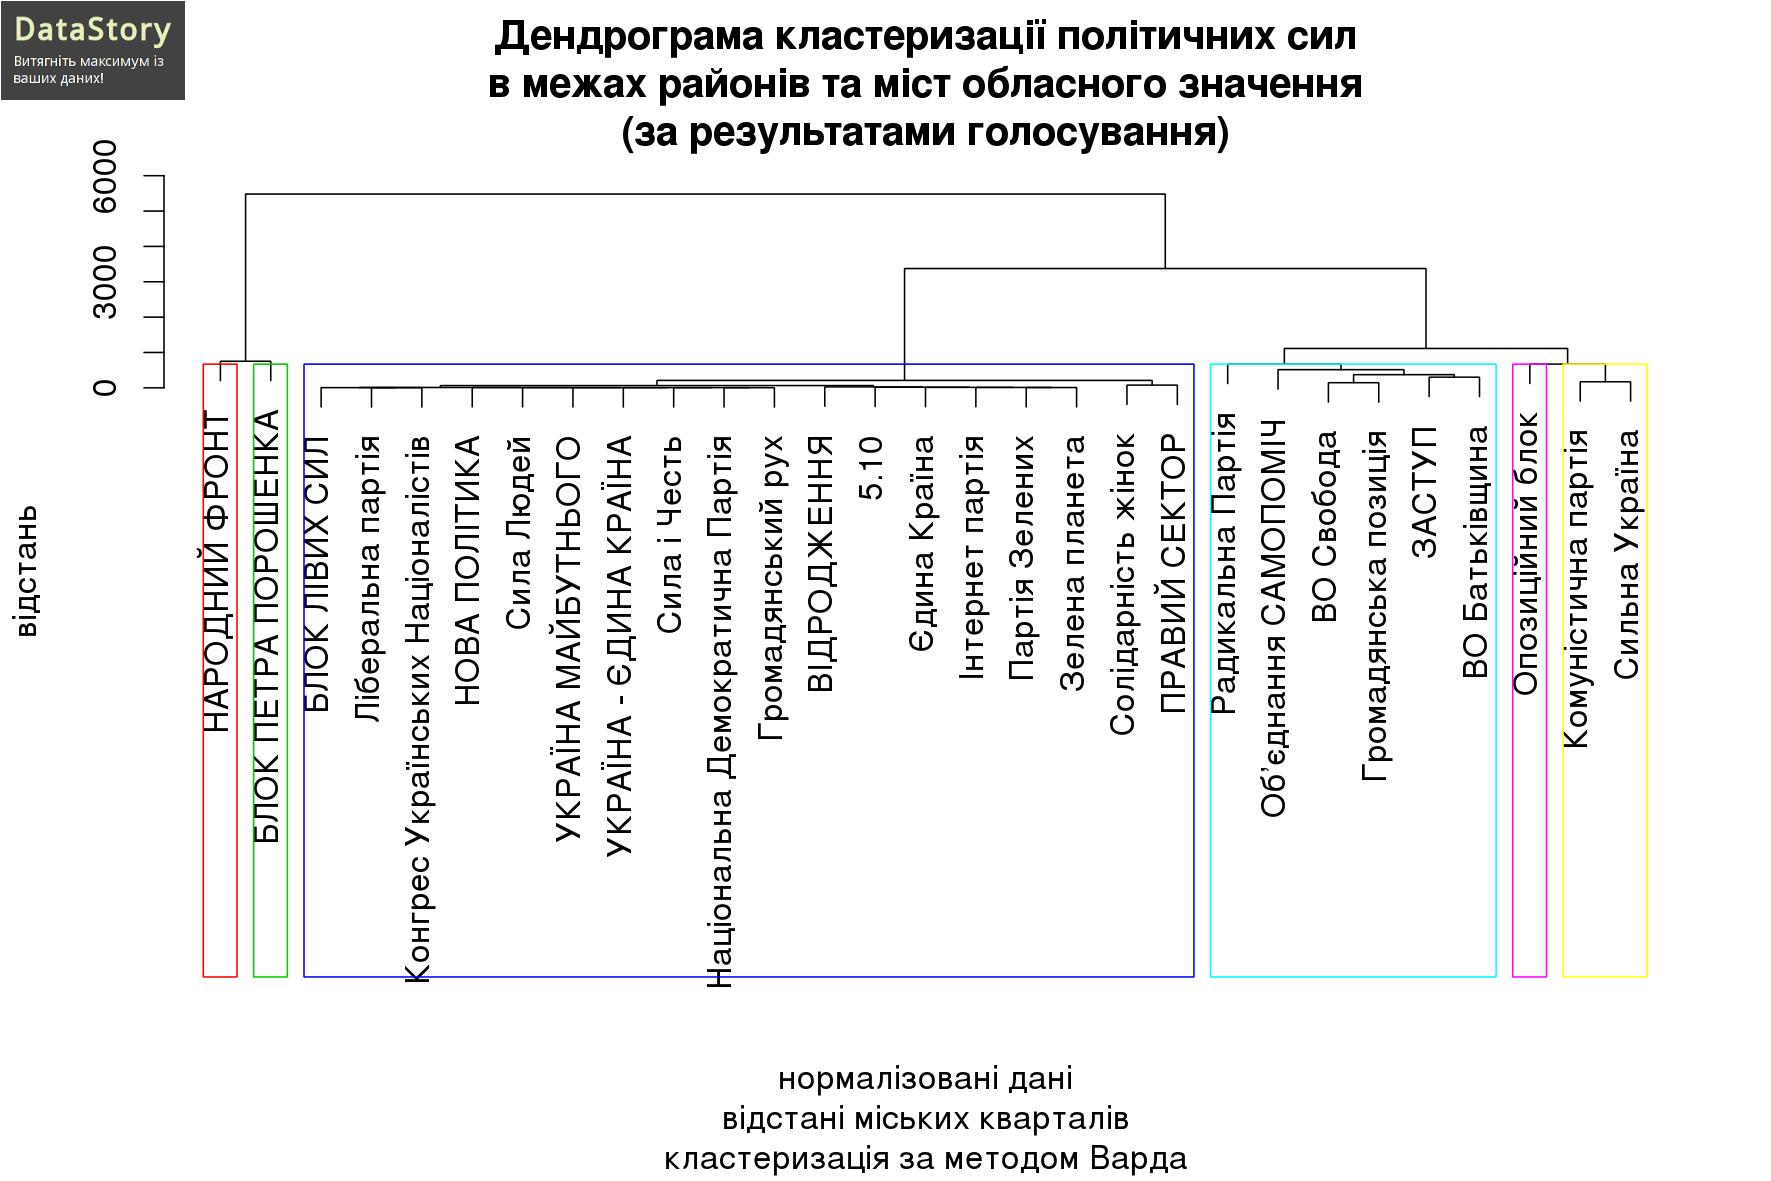 Дендрограма кластеризації політичних сил в межах районів та міст обласного значення (за результатами голосування)